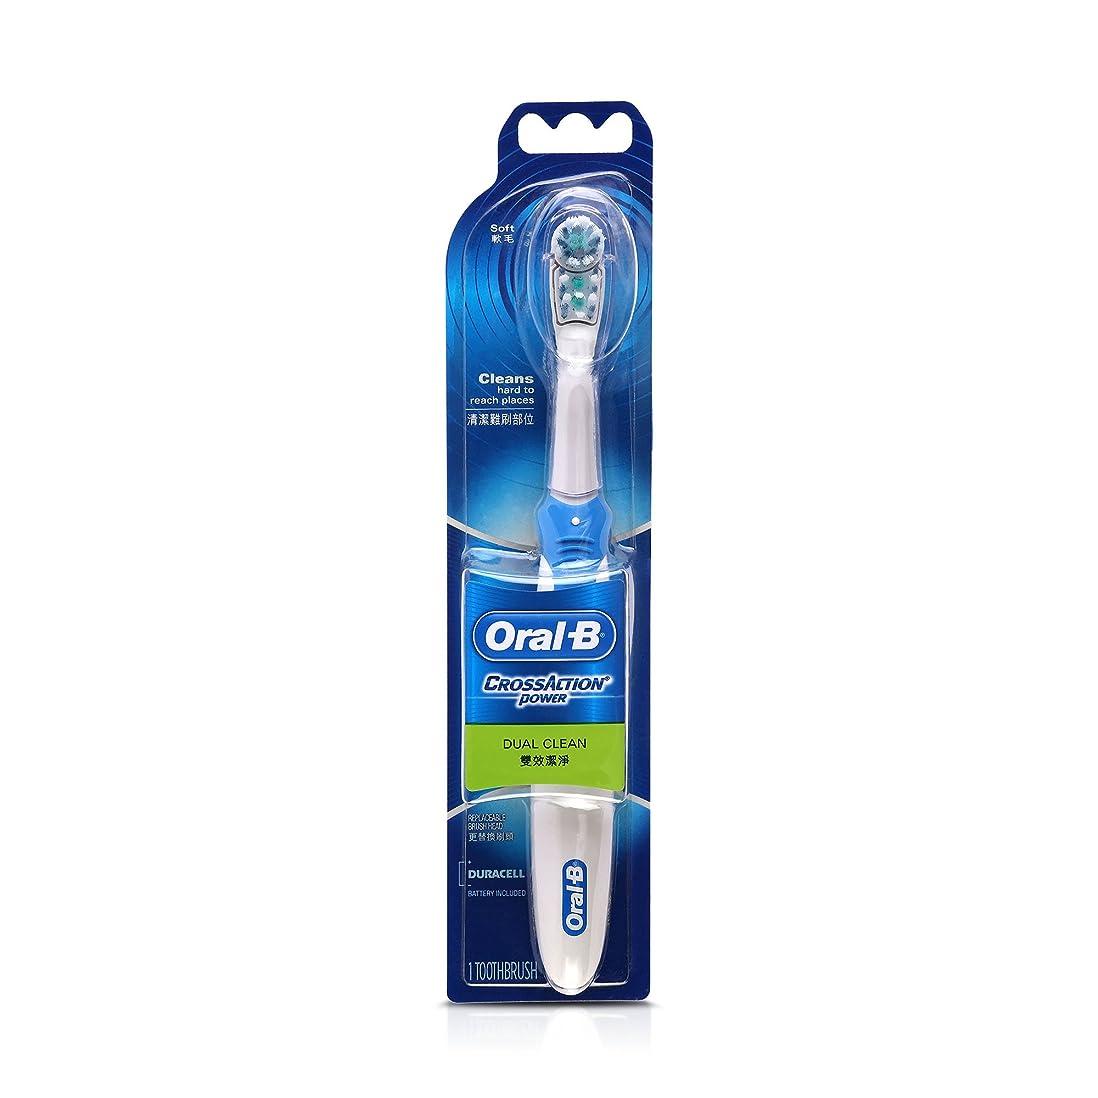 スナップスロット比率Oral B Cross Action Battery Powered Toothbrush - 1PC (COLOUR VARIES) (オーラルBクロスアクションバッテリー式歯ブラシ - 1PC(カラーバリエーション))